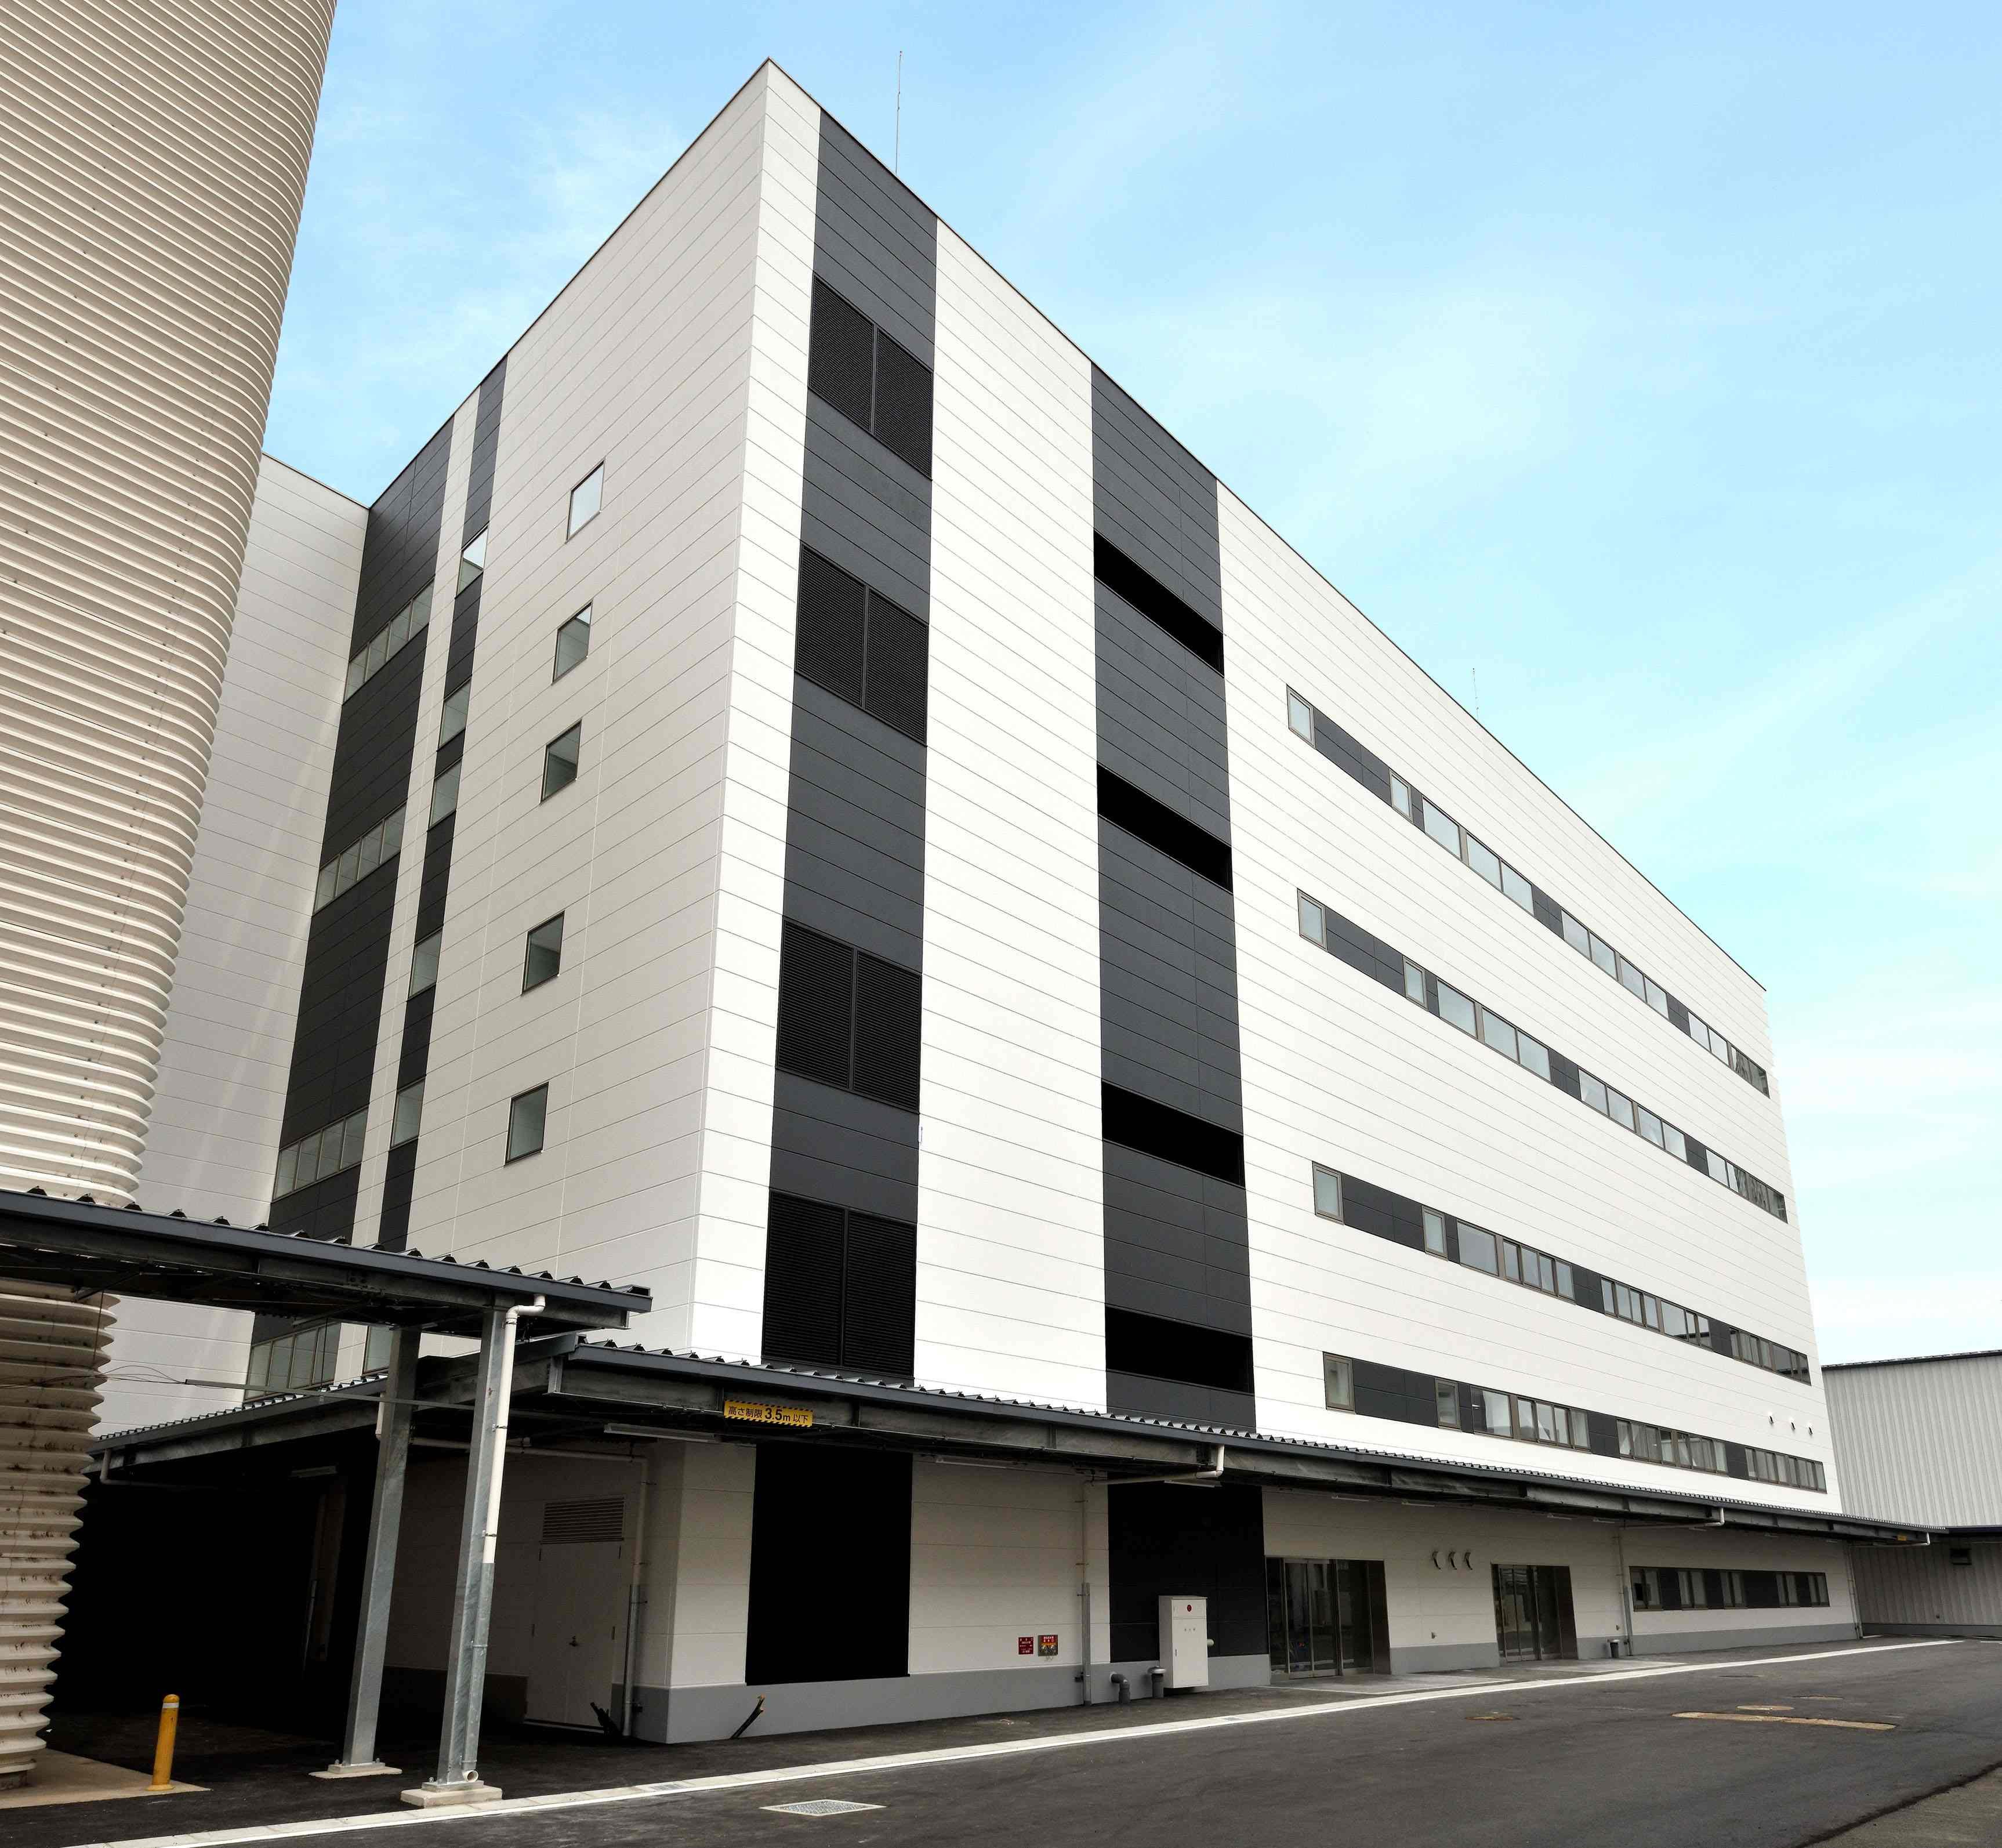 富士通ゼネラル | オープンイノベーションを推進する開発拠点「ICC」を川崎本社に新設